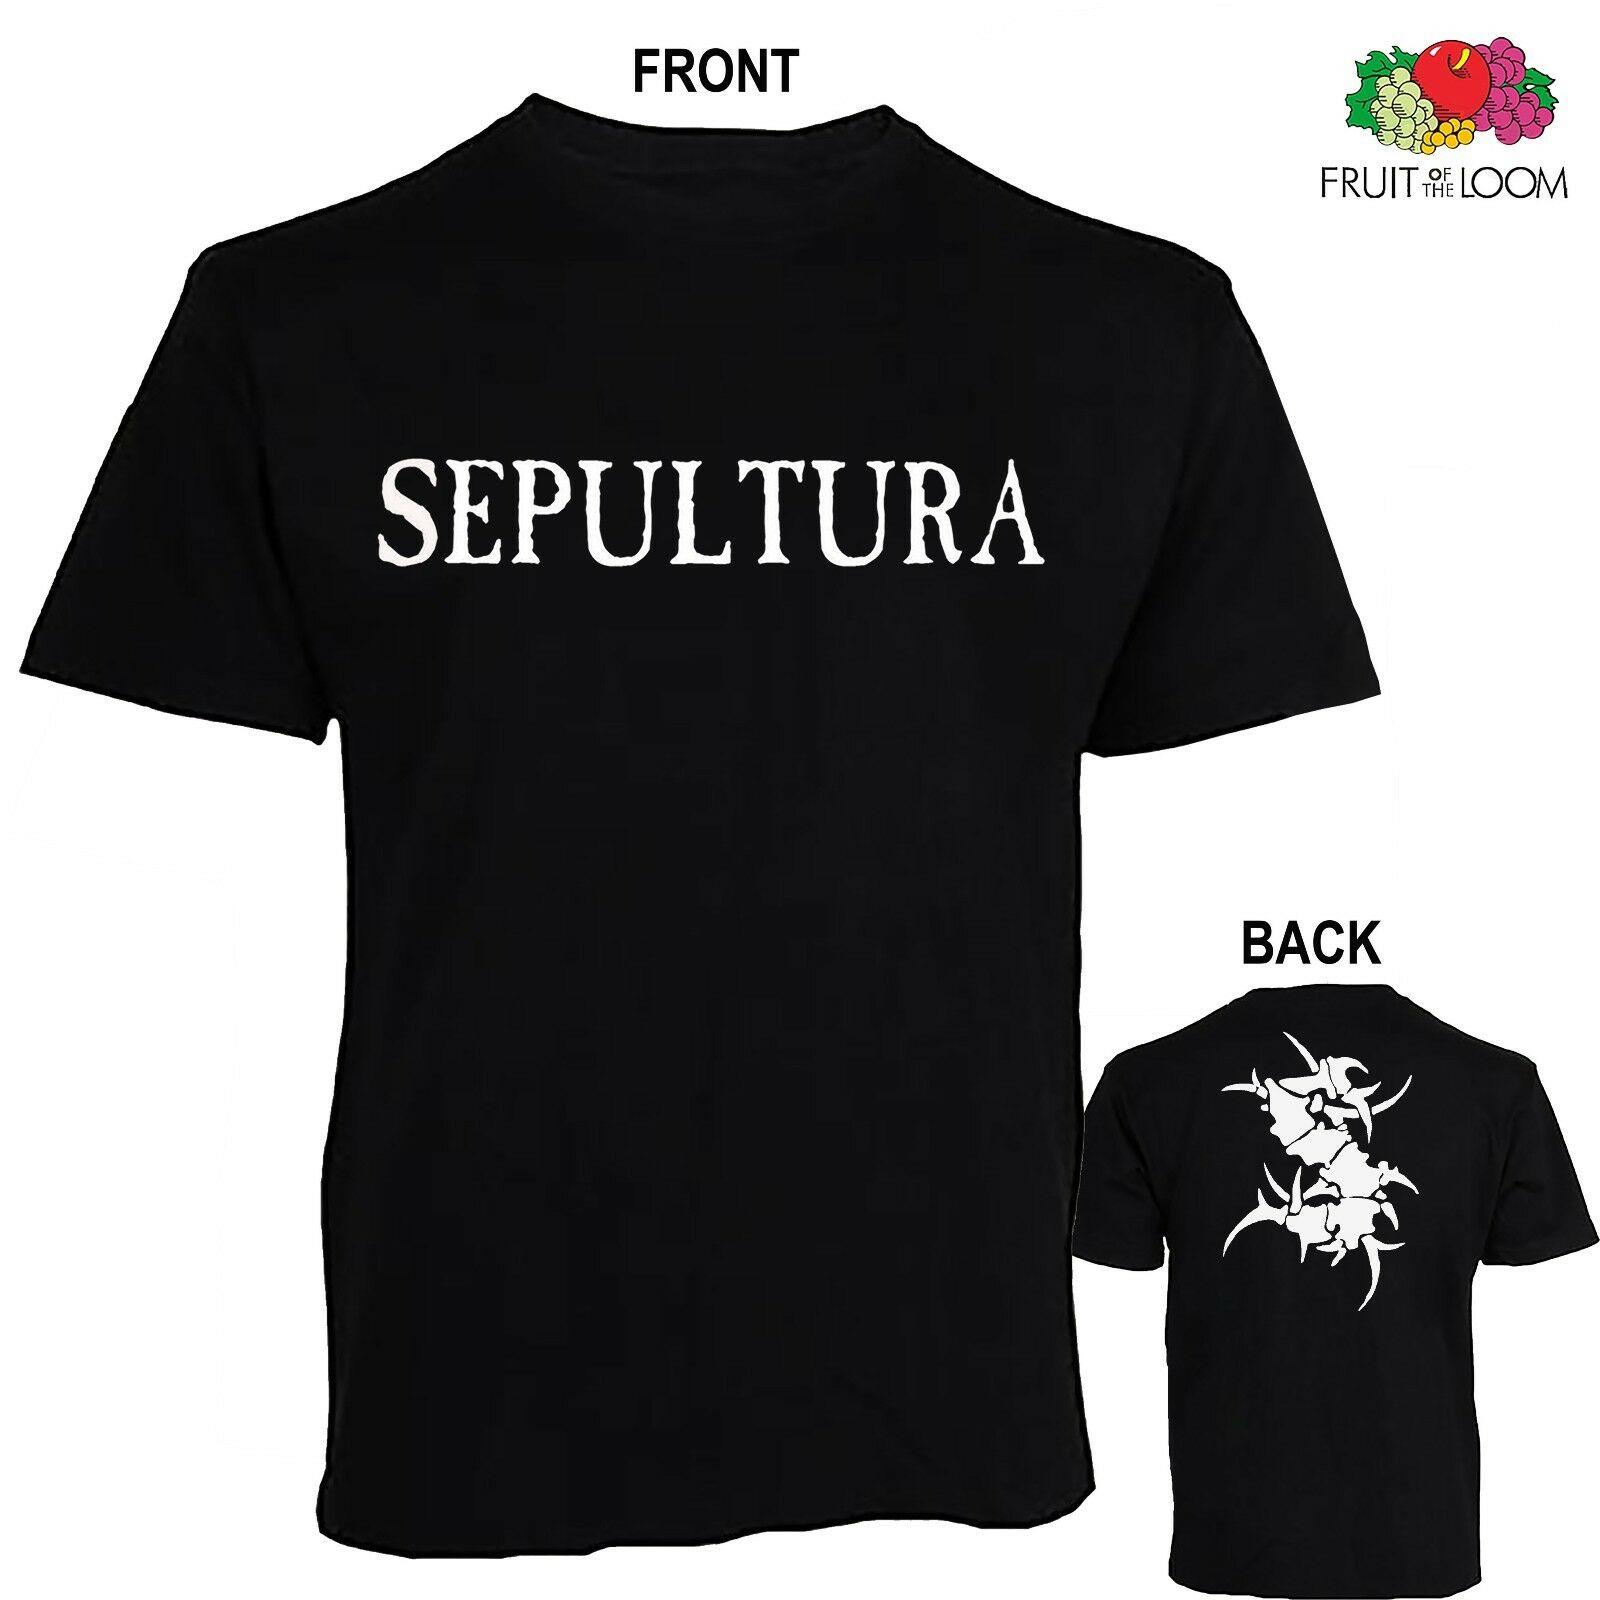 Tailles: S à 6XL T /_ shirt - brésilien de Heavy metal band Sepultura-Chaos A.D